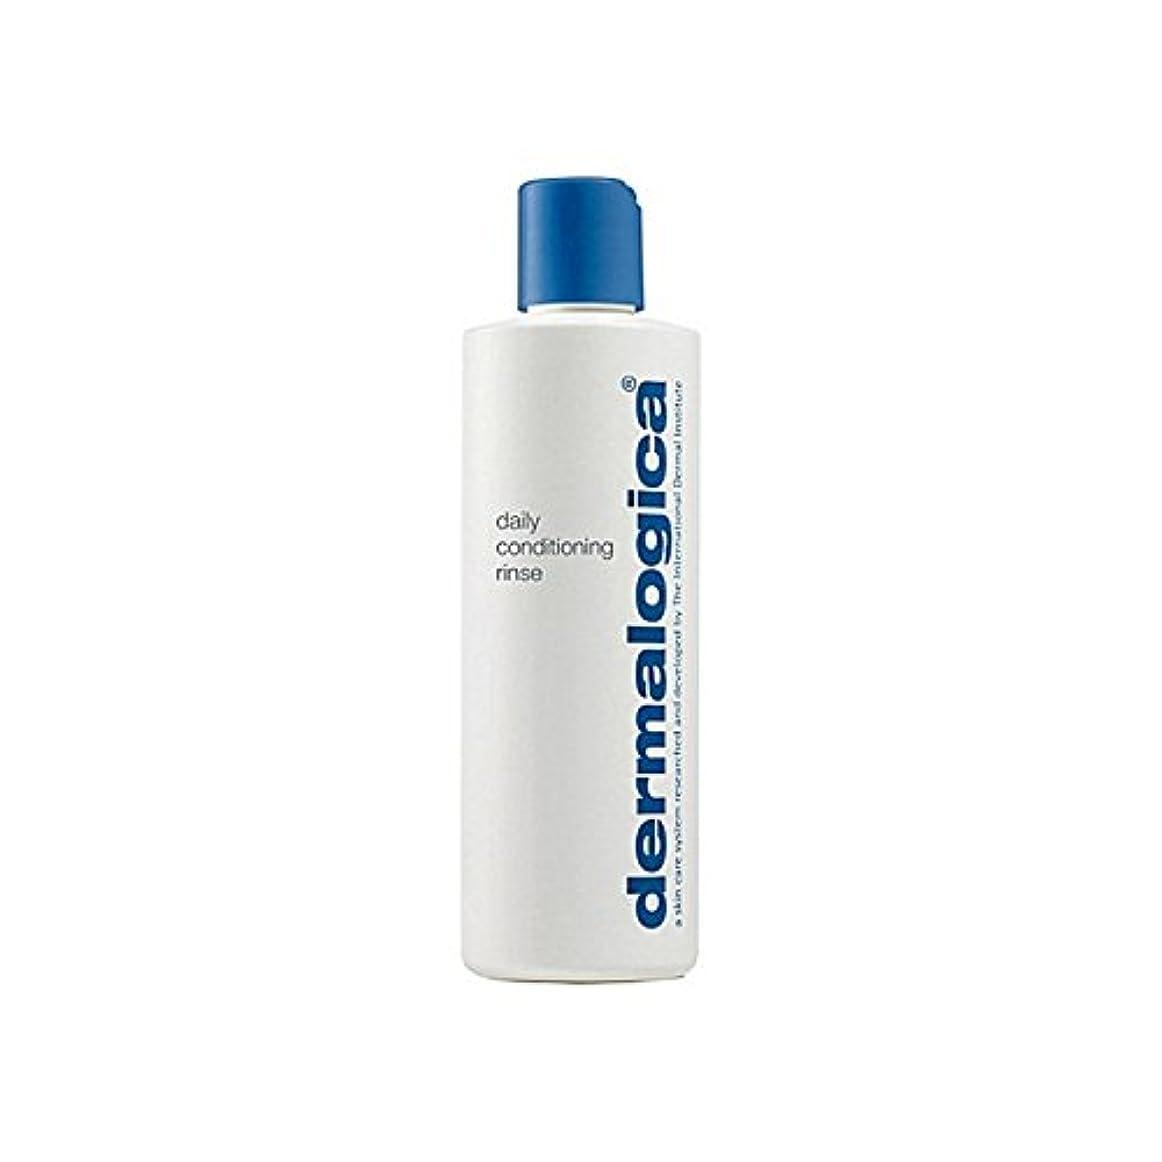 生きるメダリスト離れてダーマロジカ毎日コンディショニングリンス50ミリリットル x2 - Dermalogica Daily Conditioning Rinse 50ml (Pack of 2) [並行輸入品]